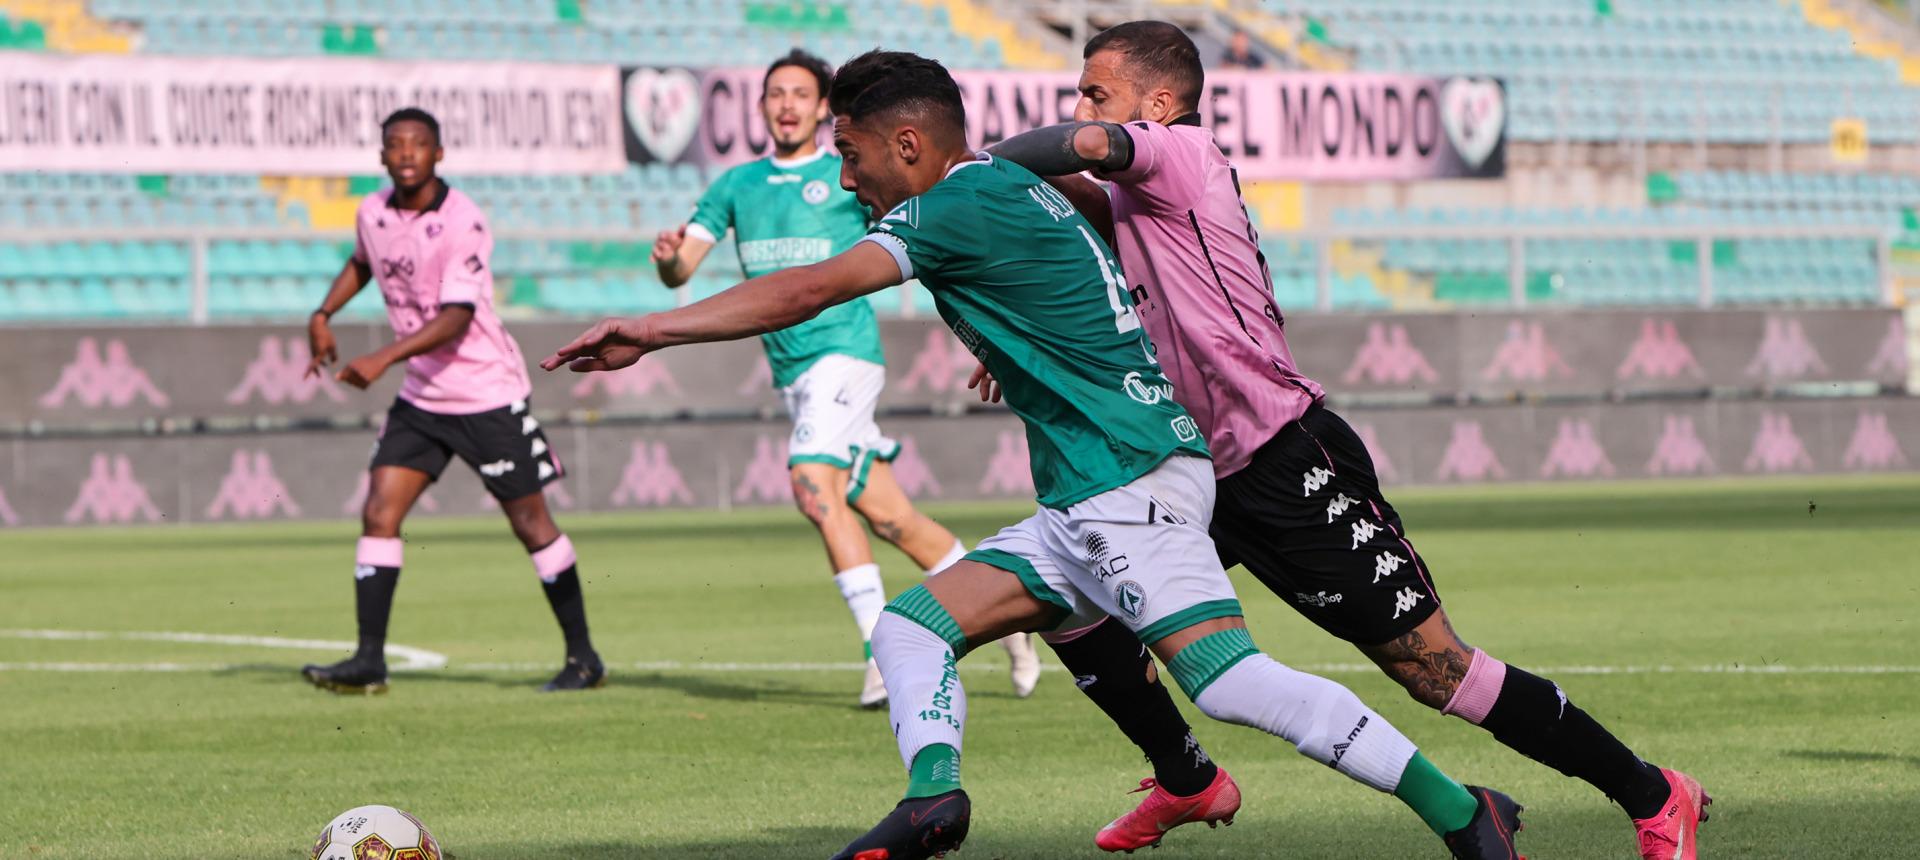 Avellino-Palermo: le formazioni ufficiali